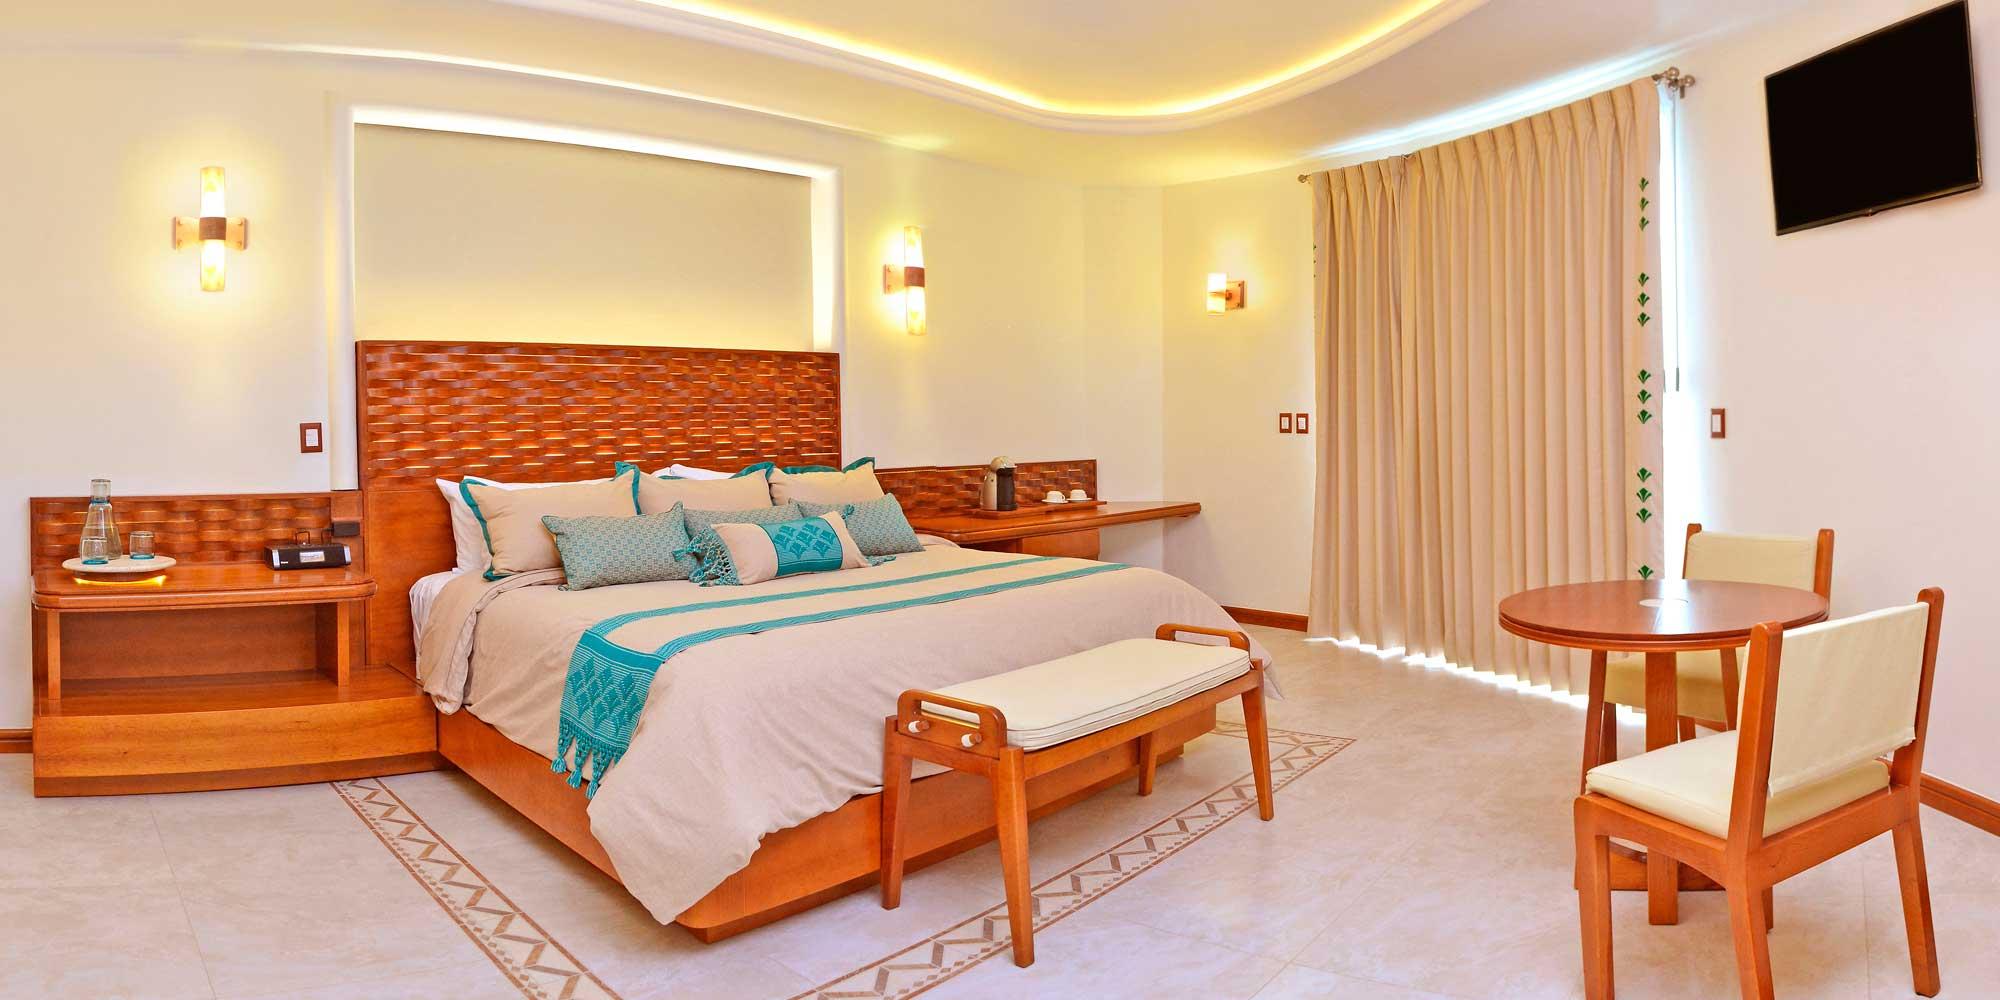 Habitaciones Suite Hotel Palmas  El Teph